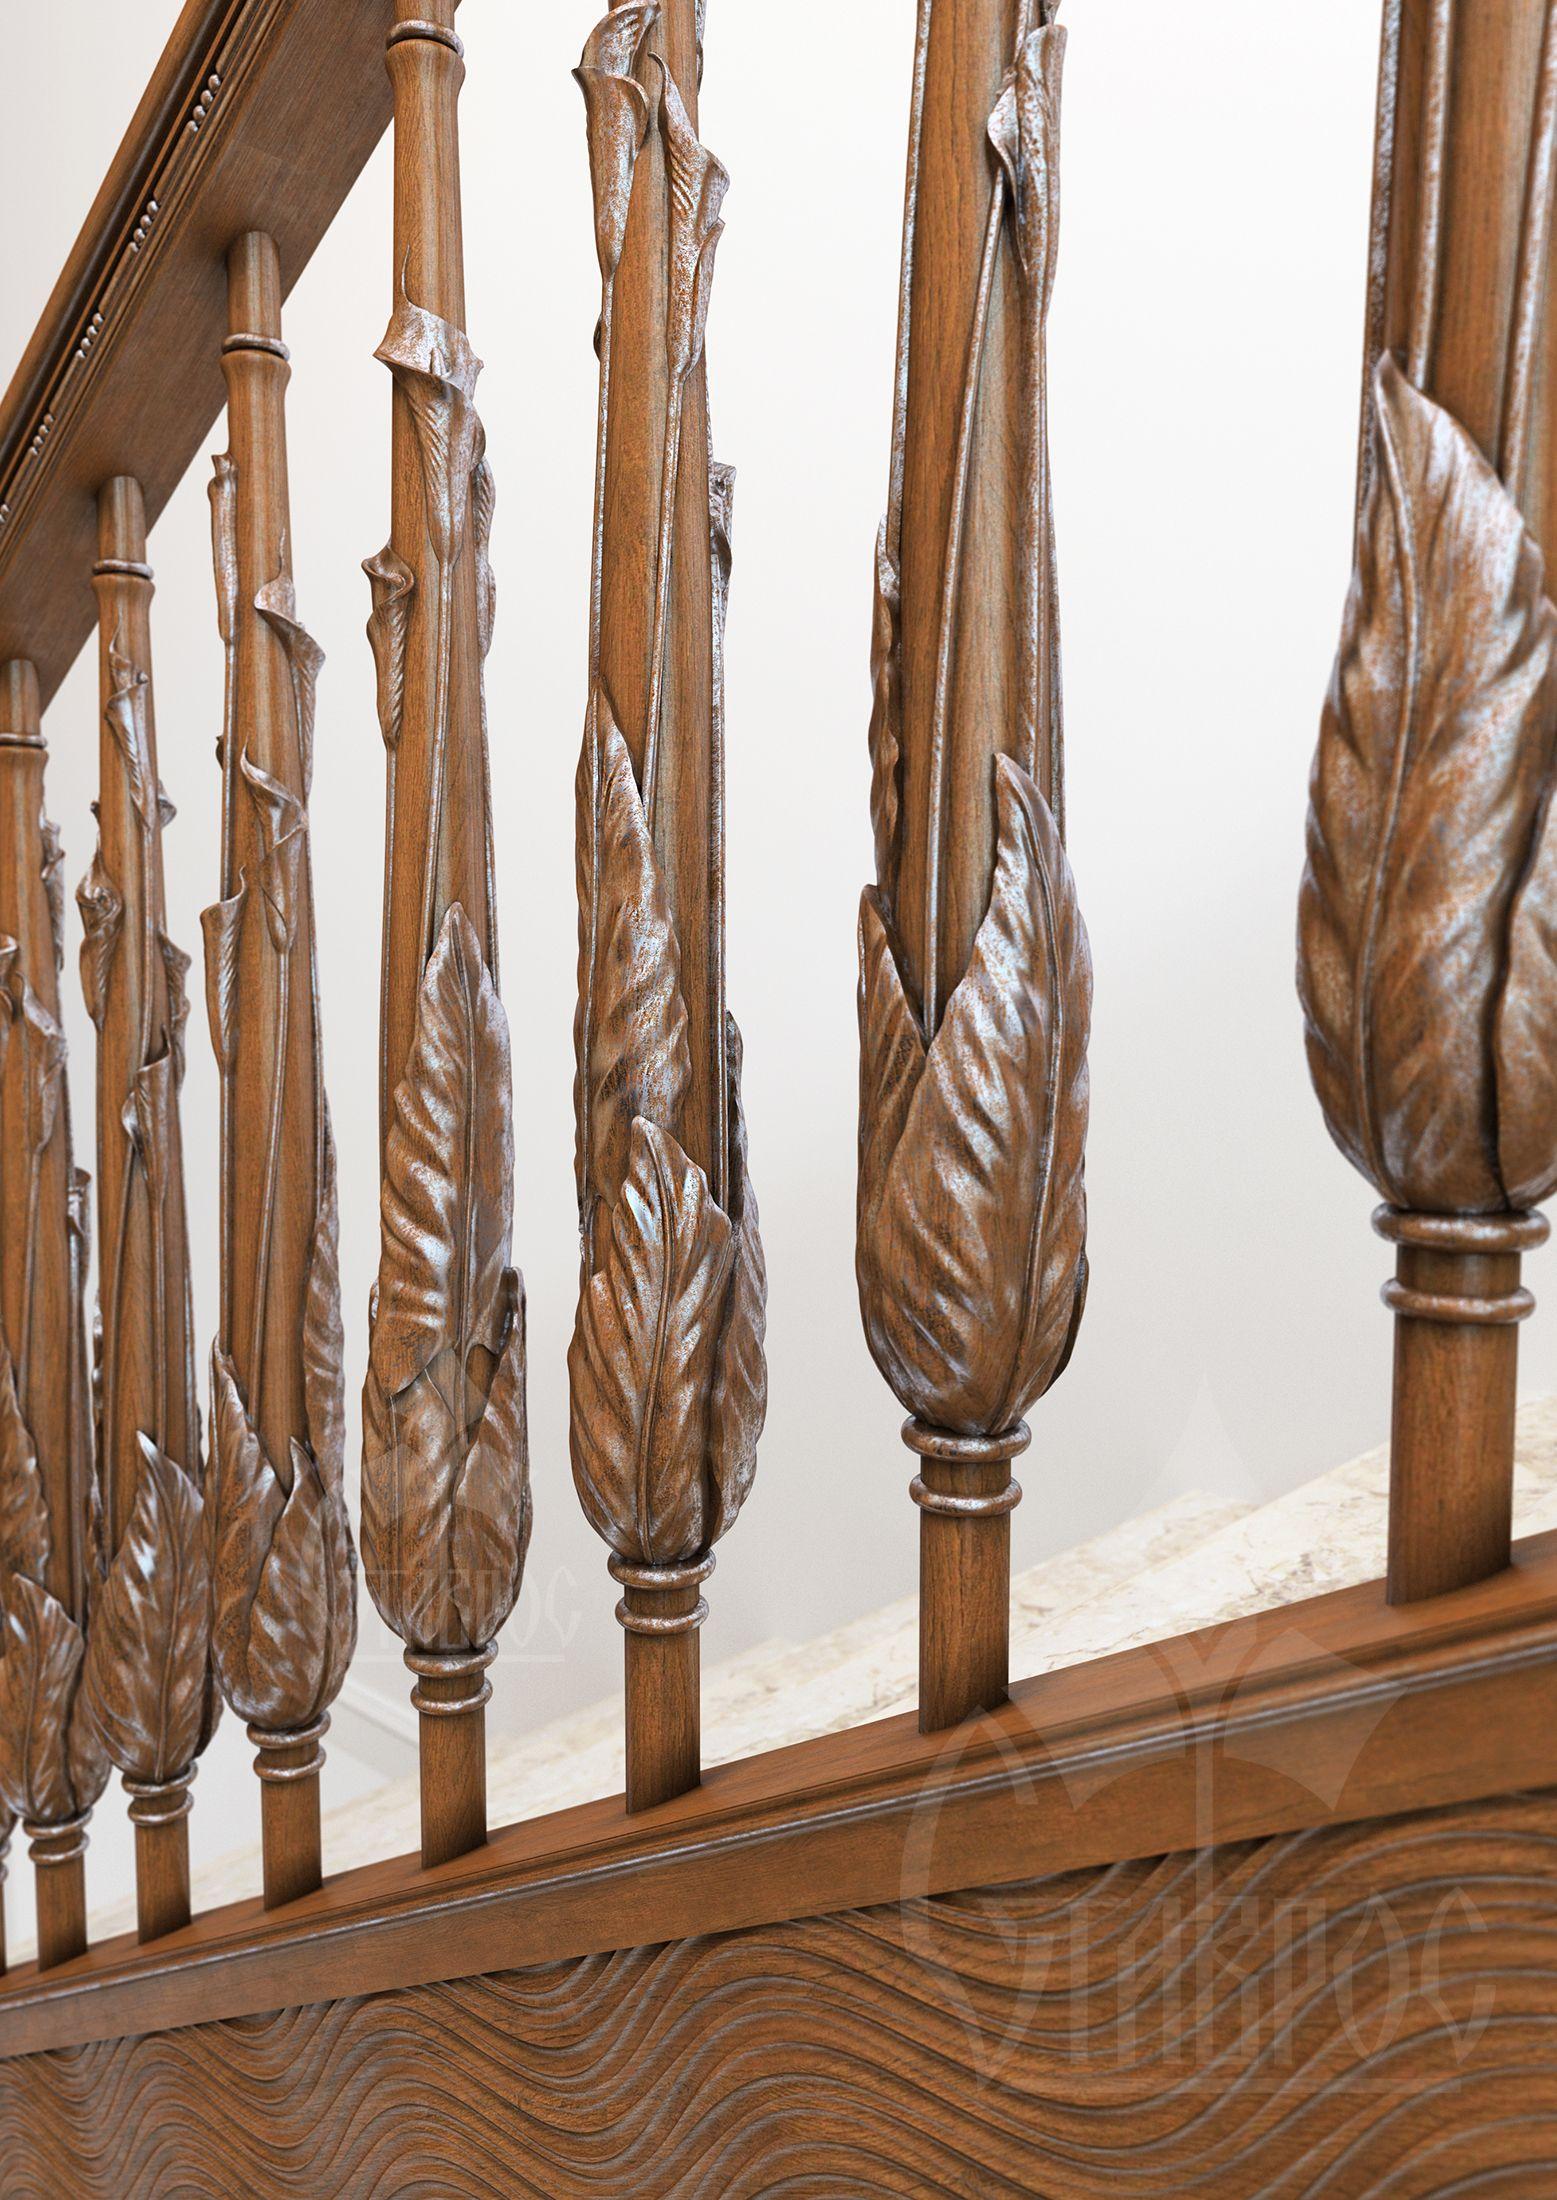 Лестницы из дерева. Декор лестниц резьбой - Ставрос ...